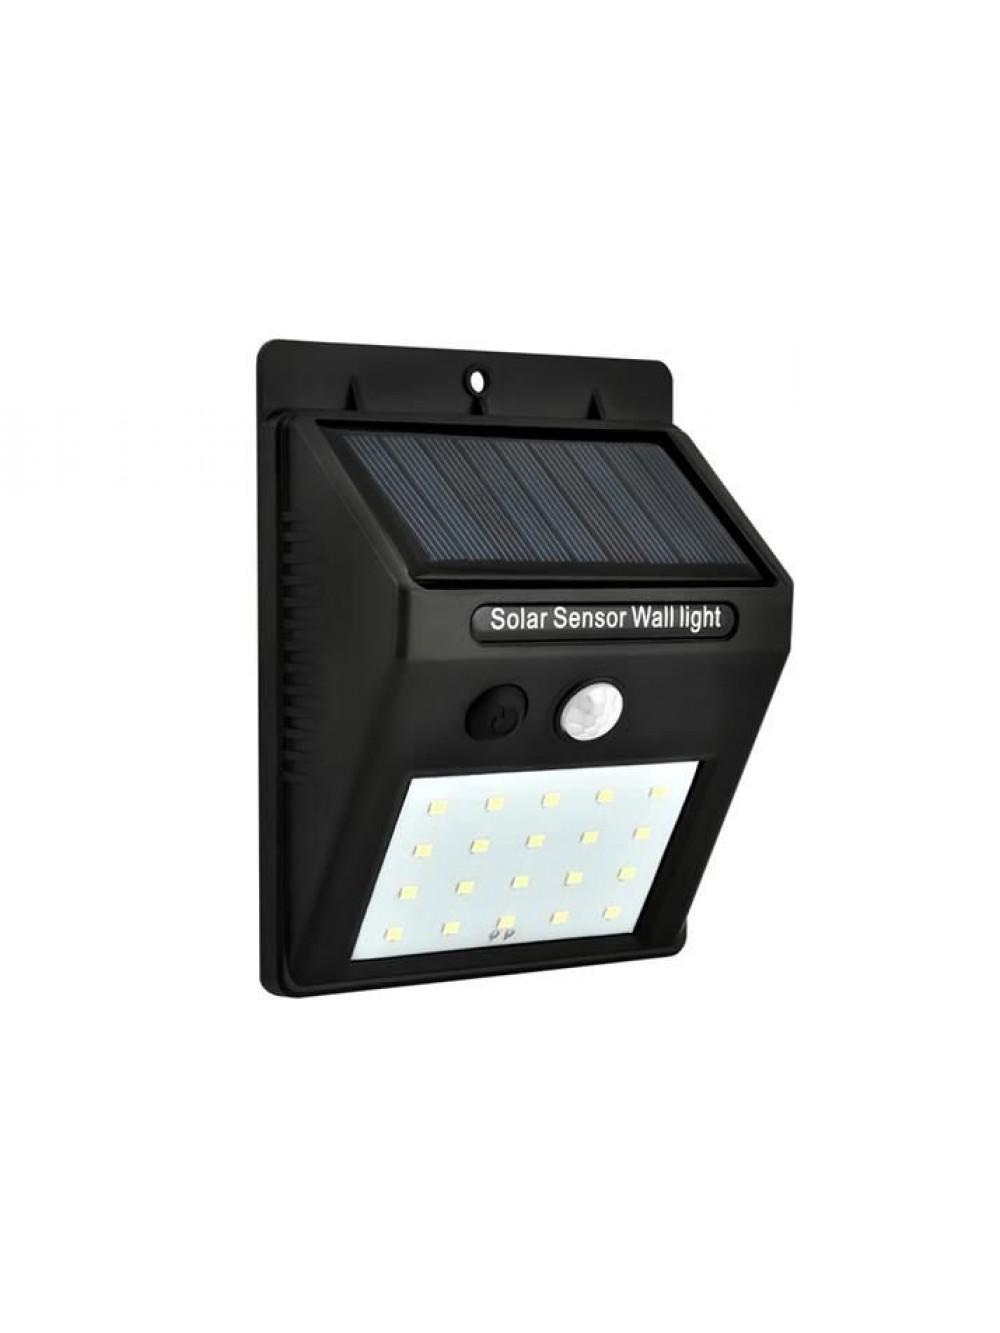 Ηλιακή λάμπα τοίχου 20 LED με αισθητήρα κίνησης